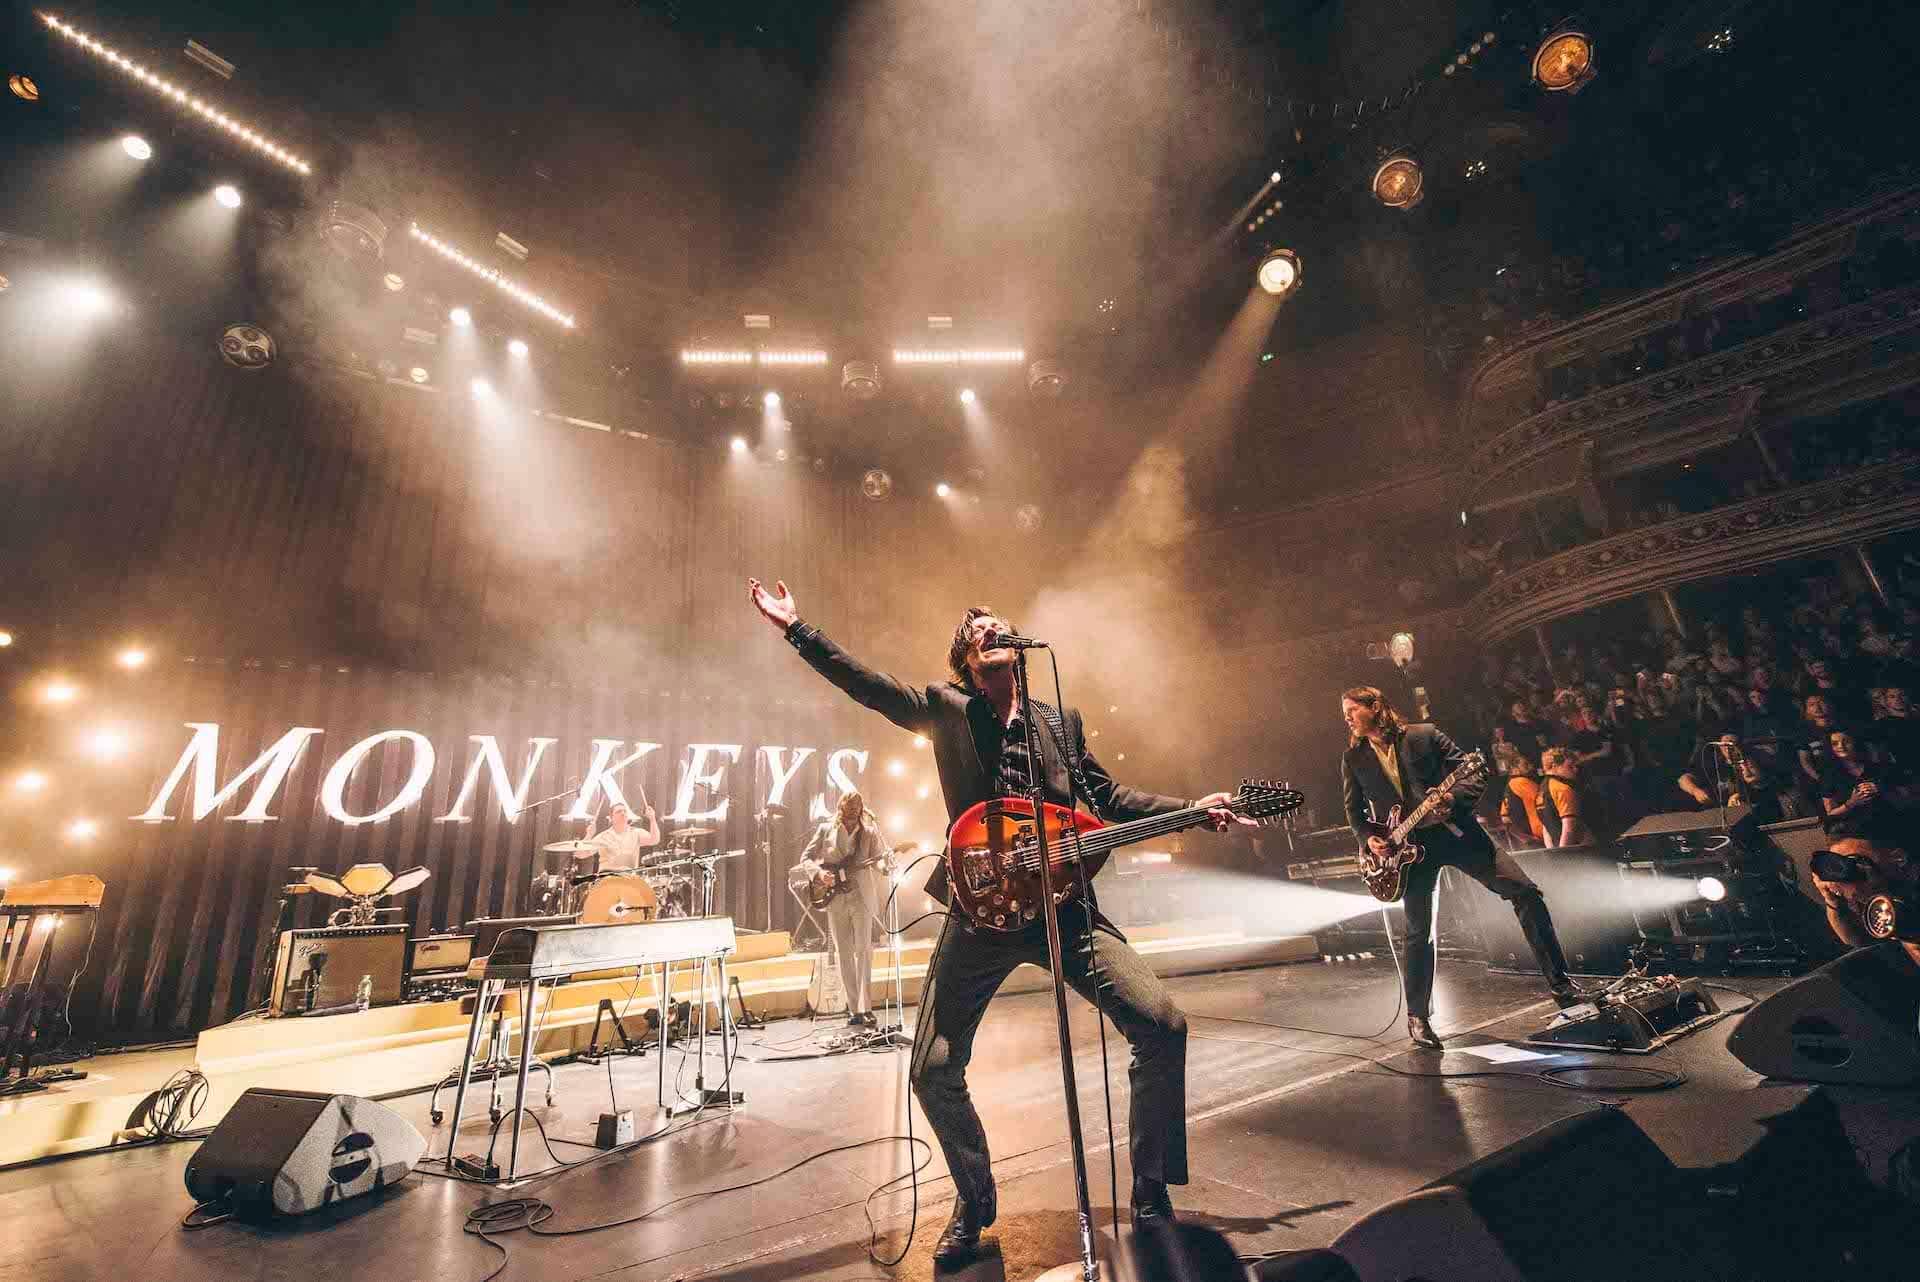 """Arctic Monkeysの最新ライブアルバム『Live At The Royal Albert Hall』より""""Arabella""""のライブ映像が公開!舞台裏の様子も収録 music201203_arctic-monkeys_3-1920x1282"""